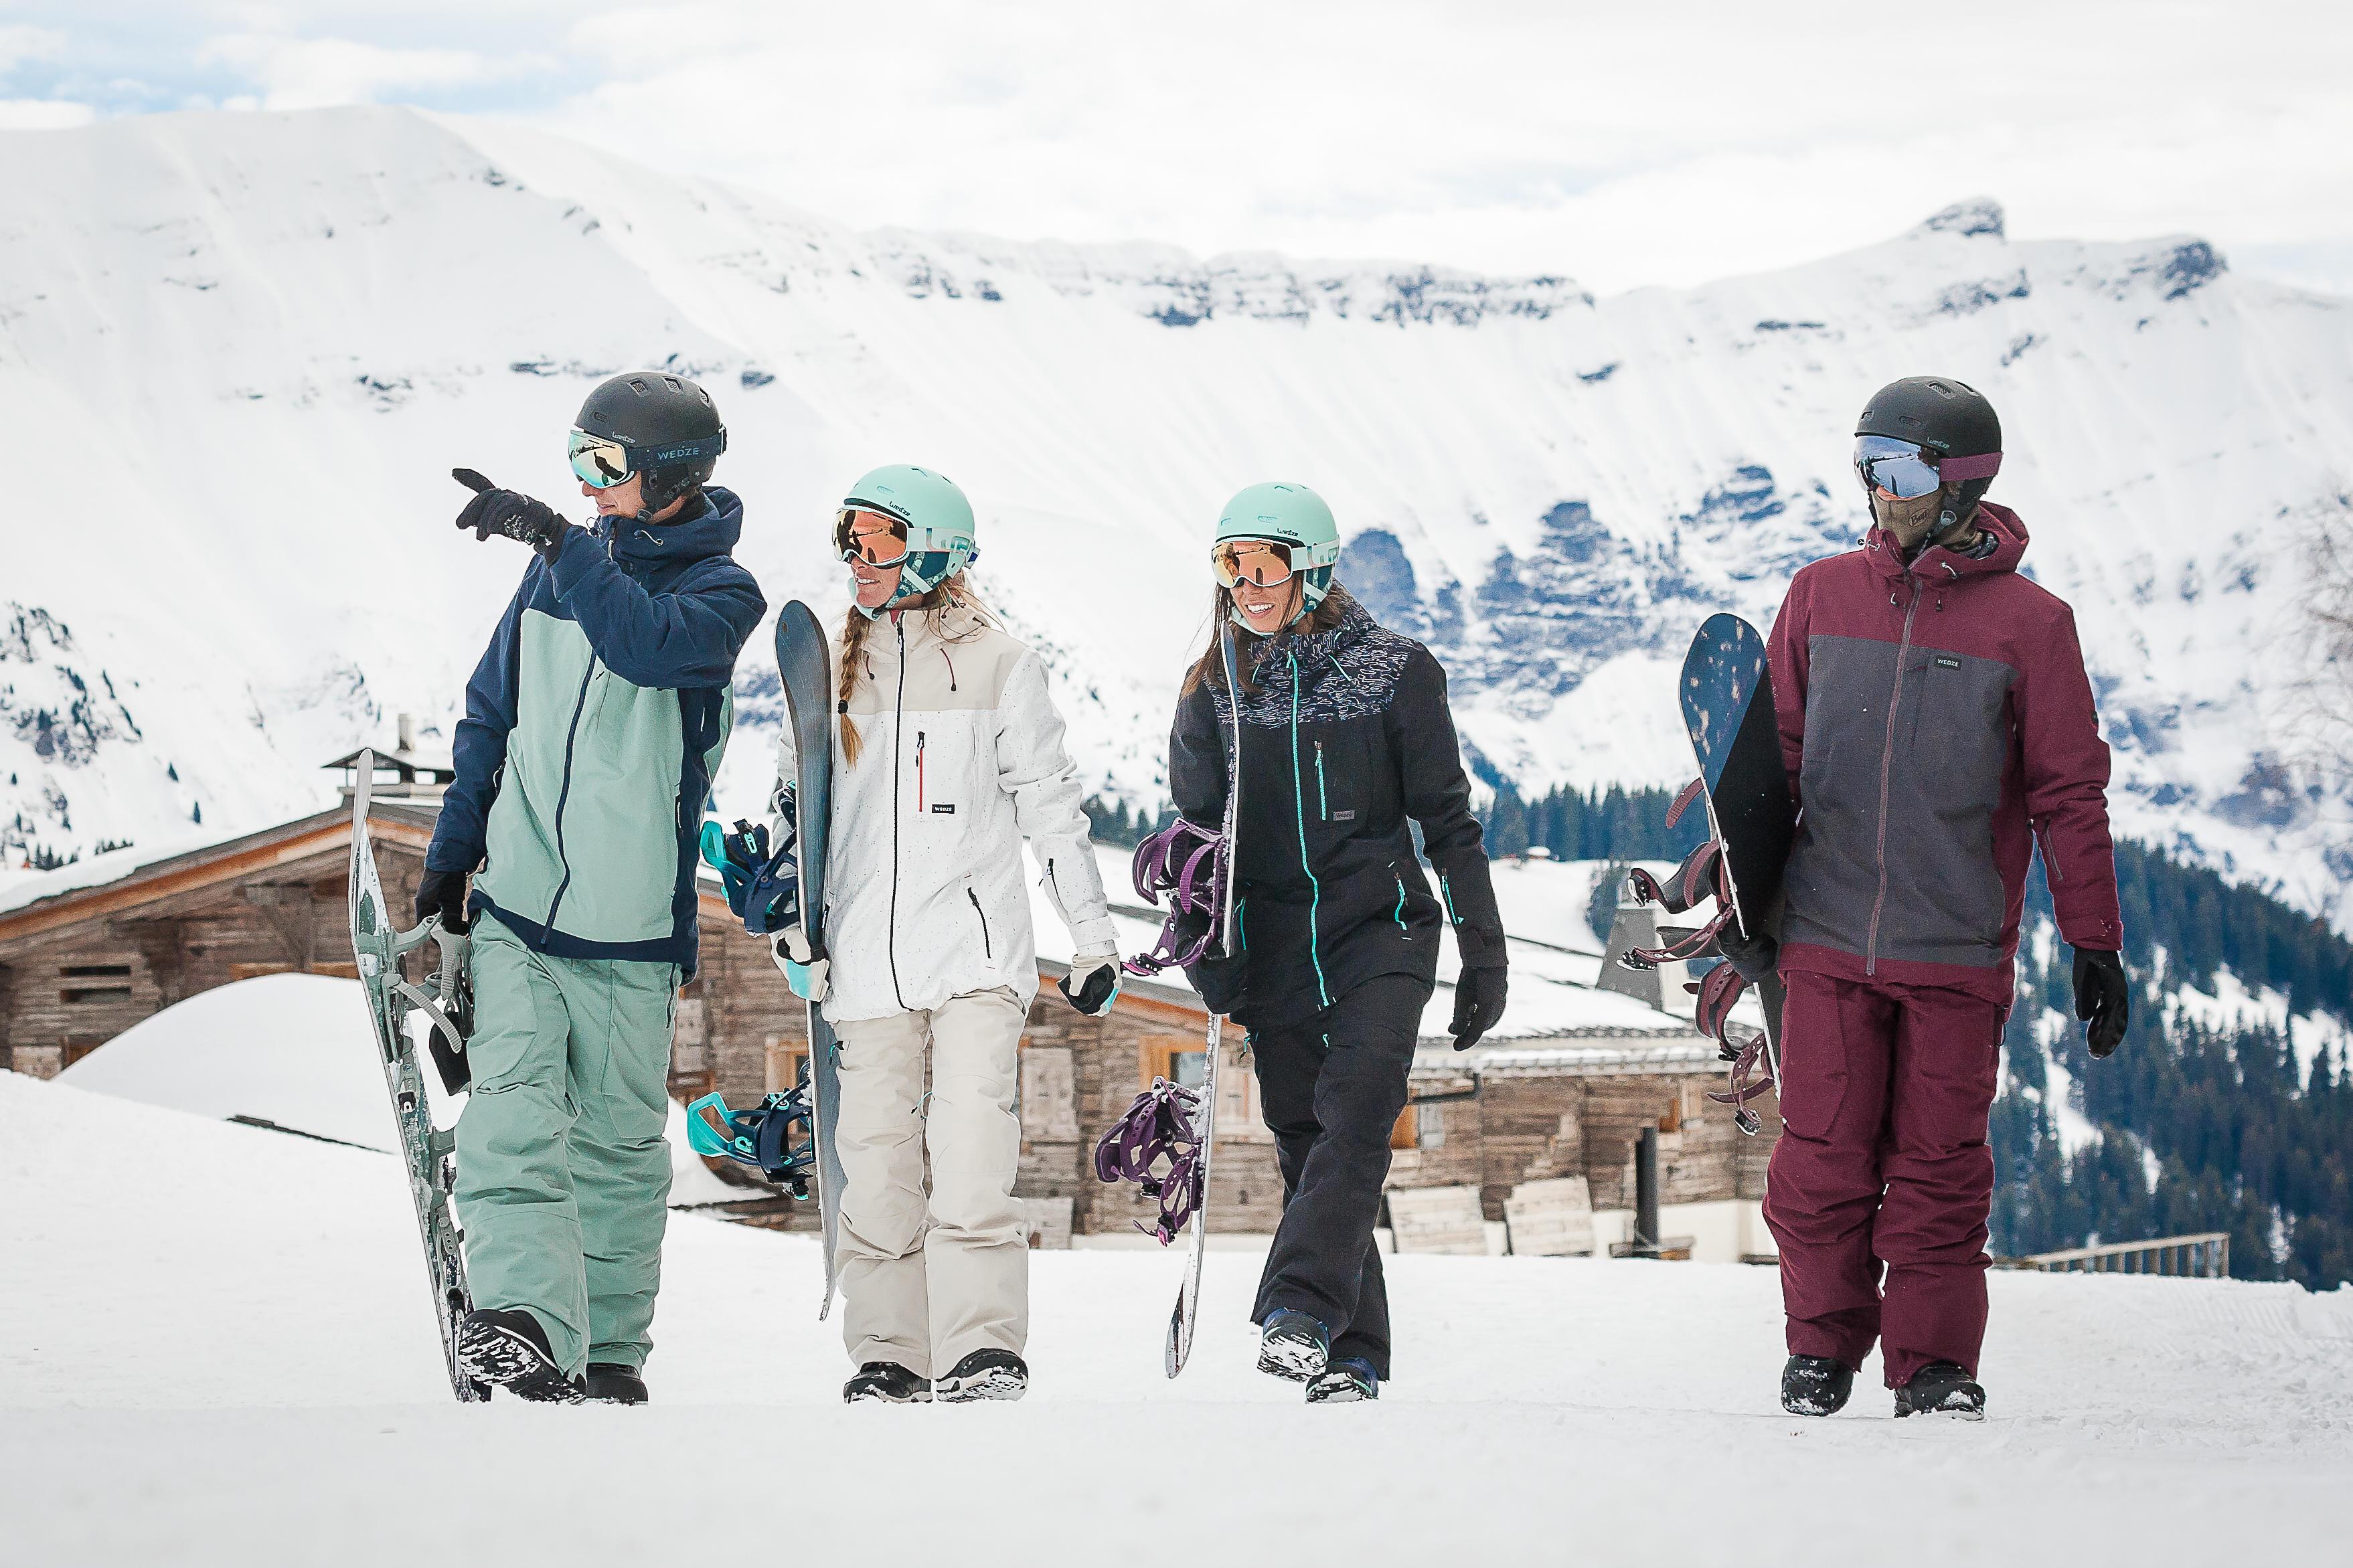 Snowboarder2.0